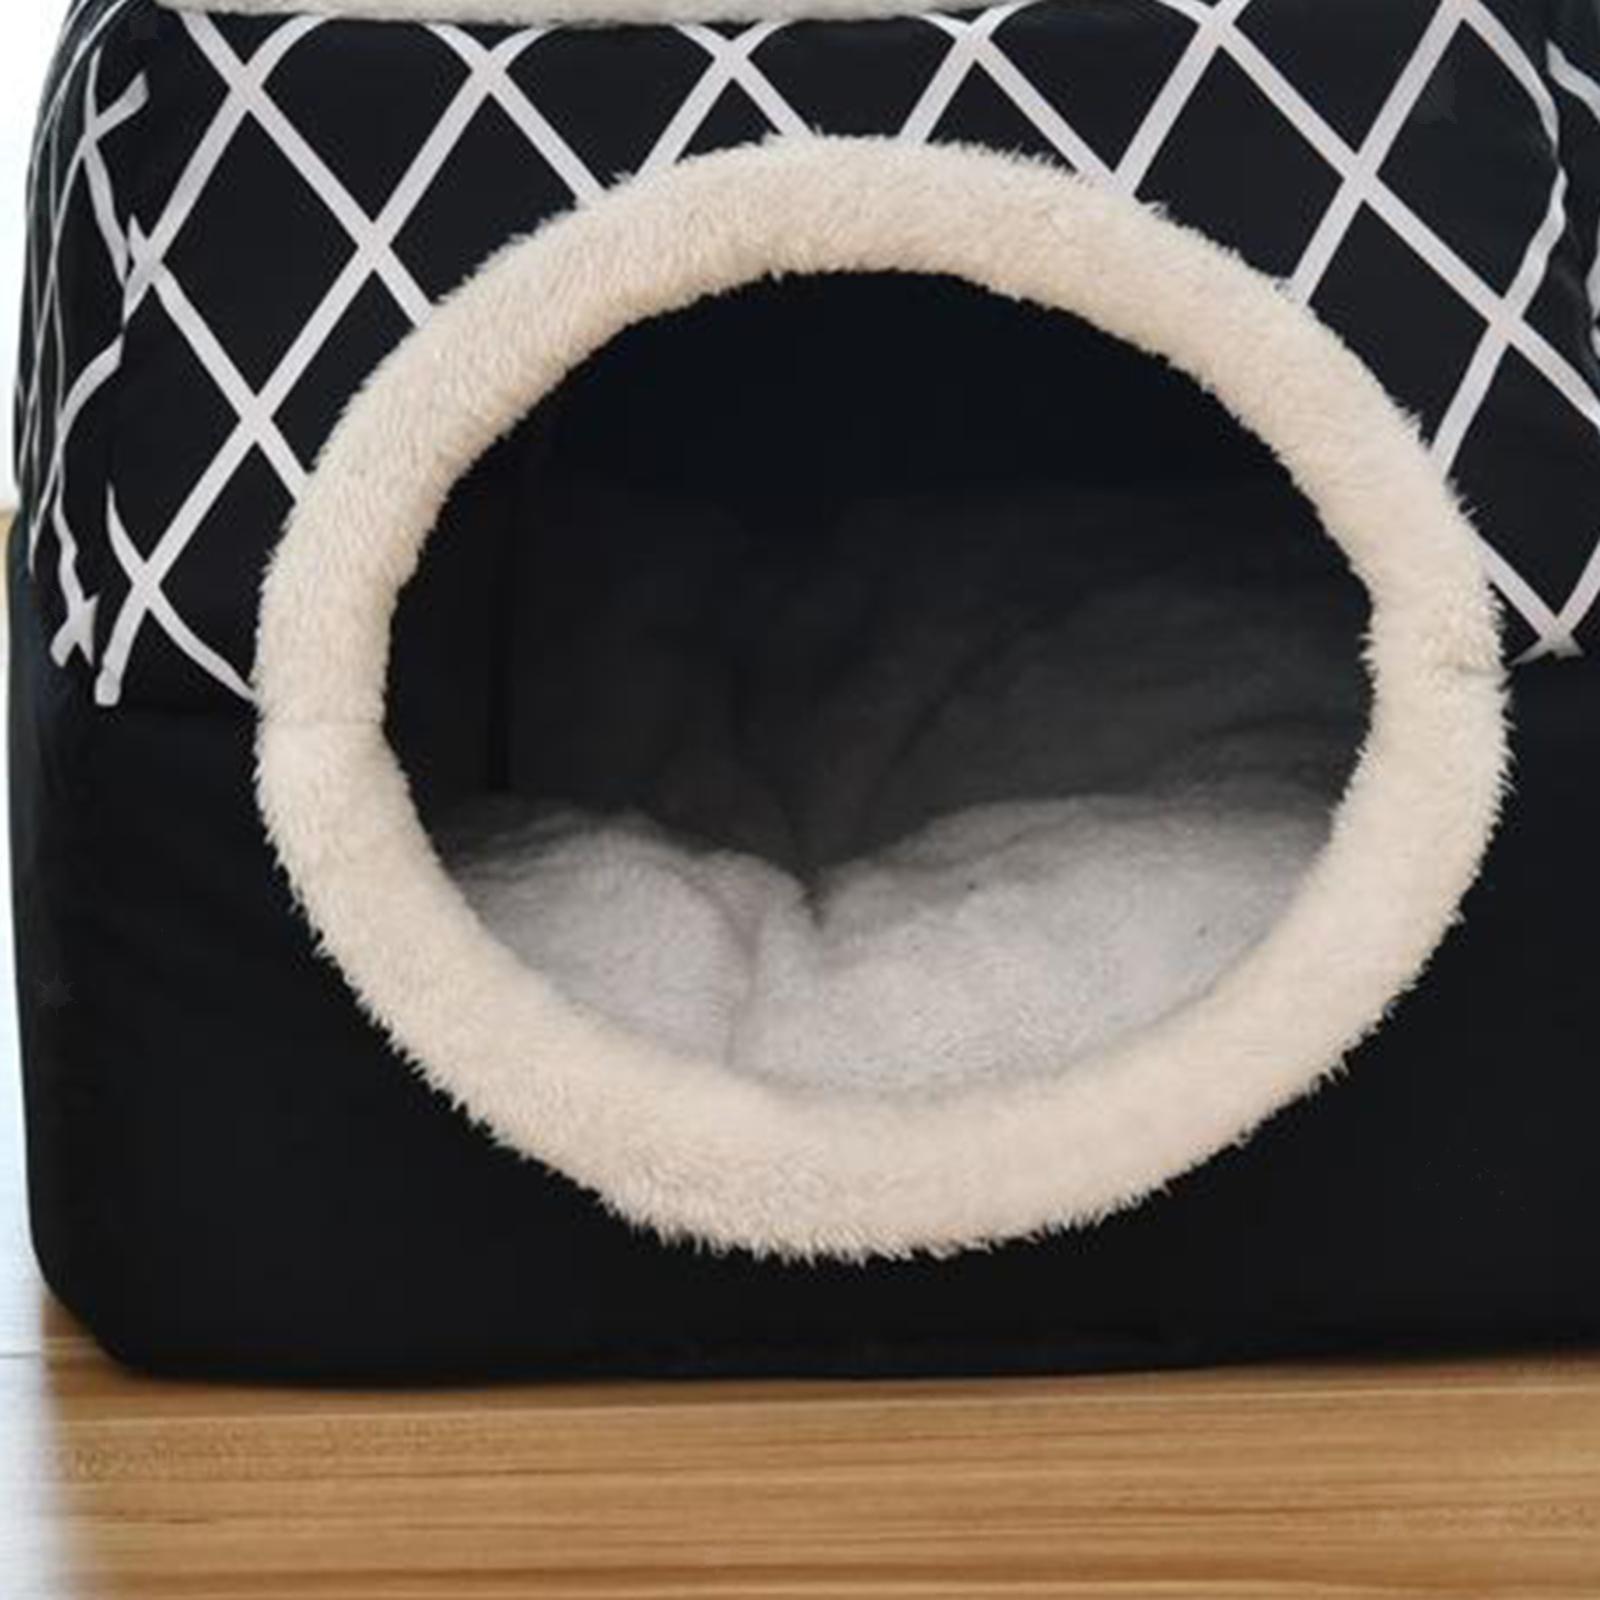 Indexbild 30 - 2-in-1-Weichen-Katzen-Haus-Schlafen-Bett-Zwinger-Puppy-Cave-Warme-Nest-Matte